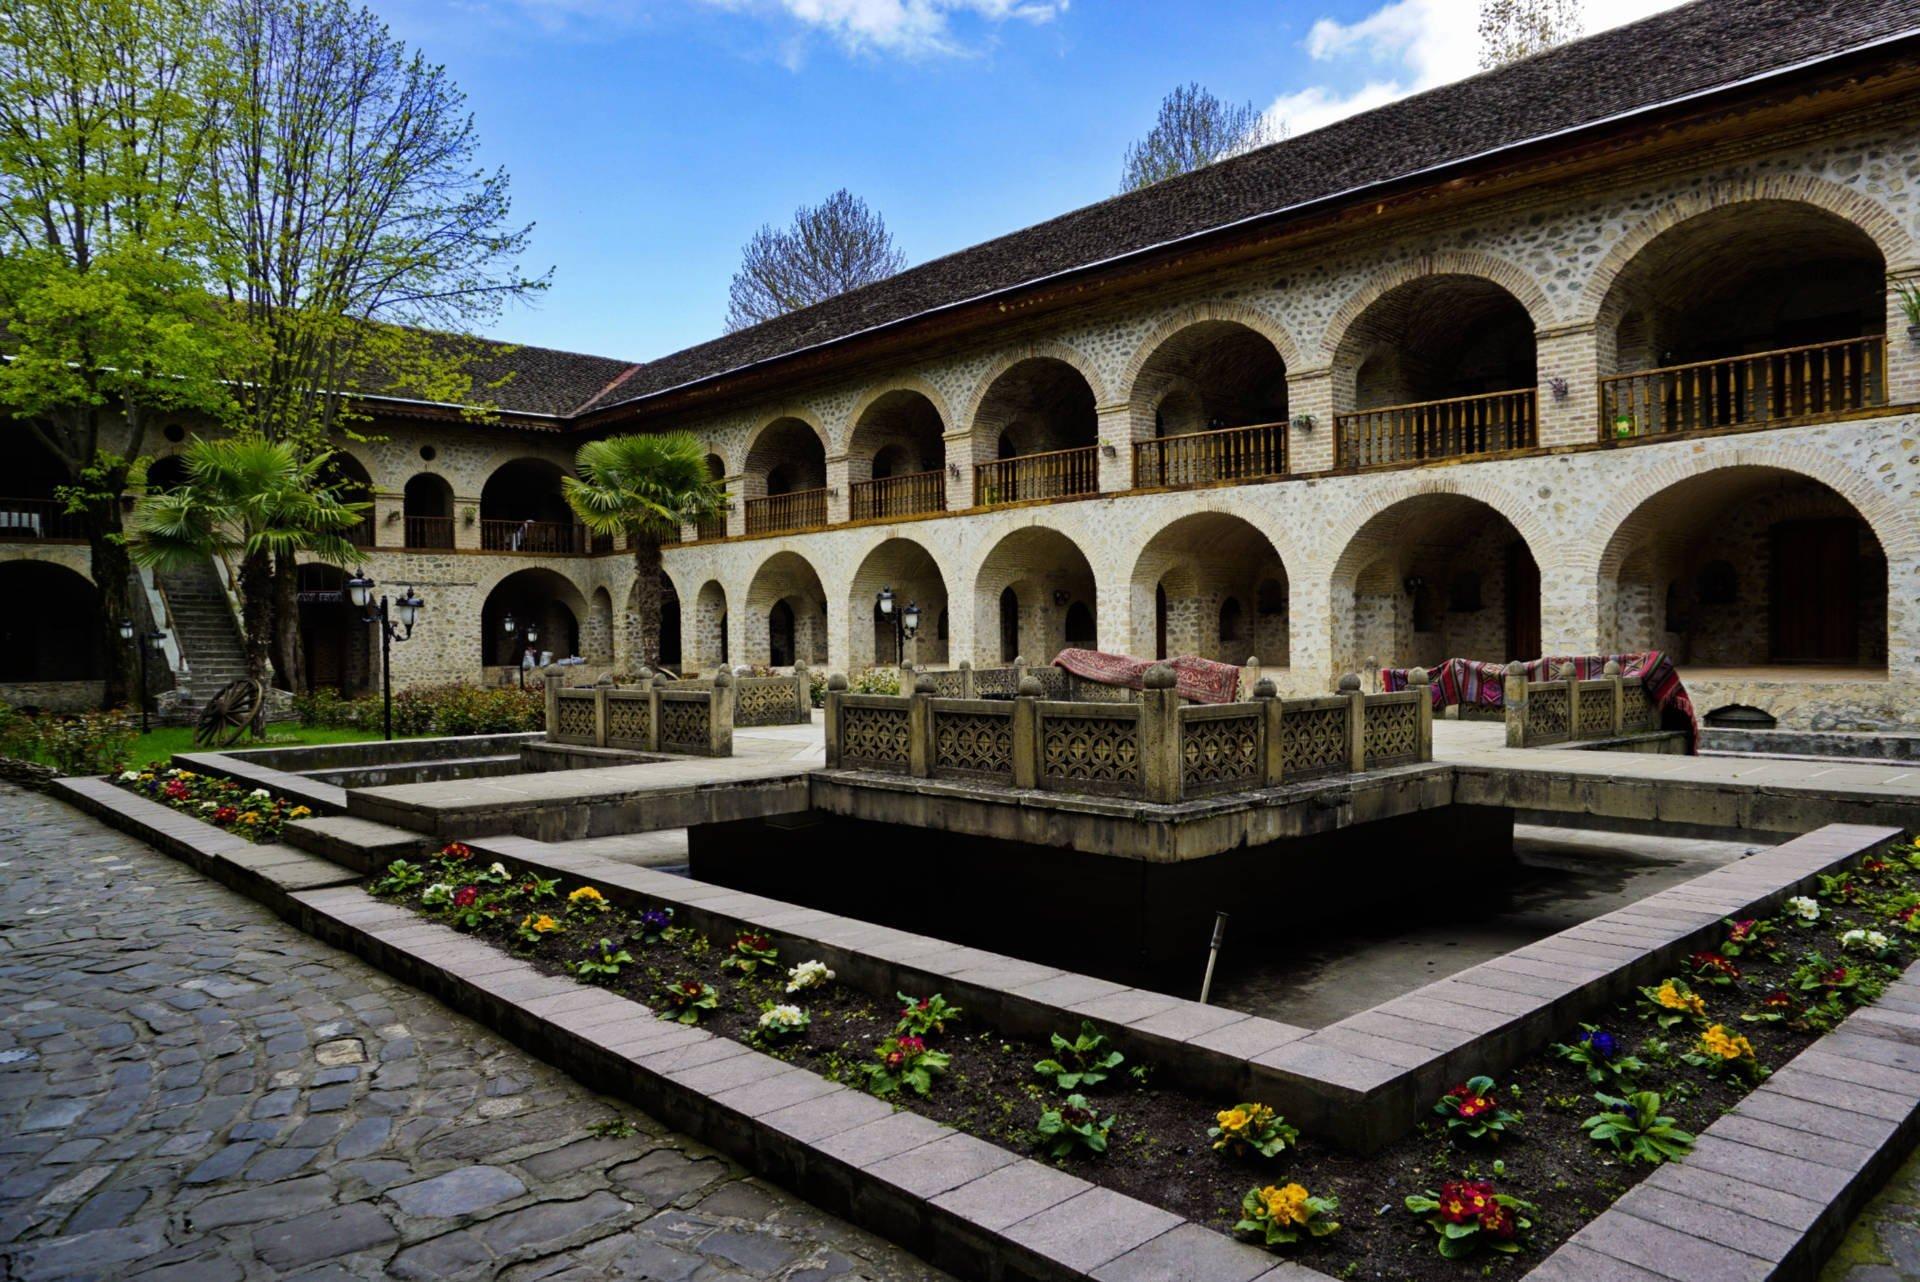 Sheki caravanserai, Azerbaijan – Experiencing the Globe